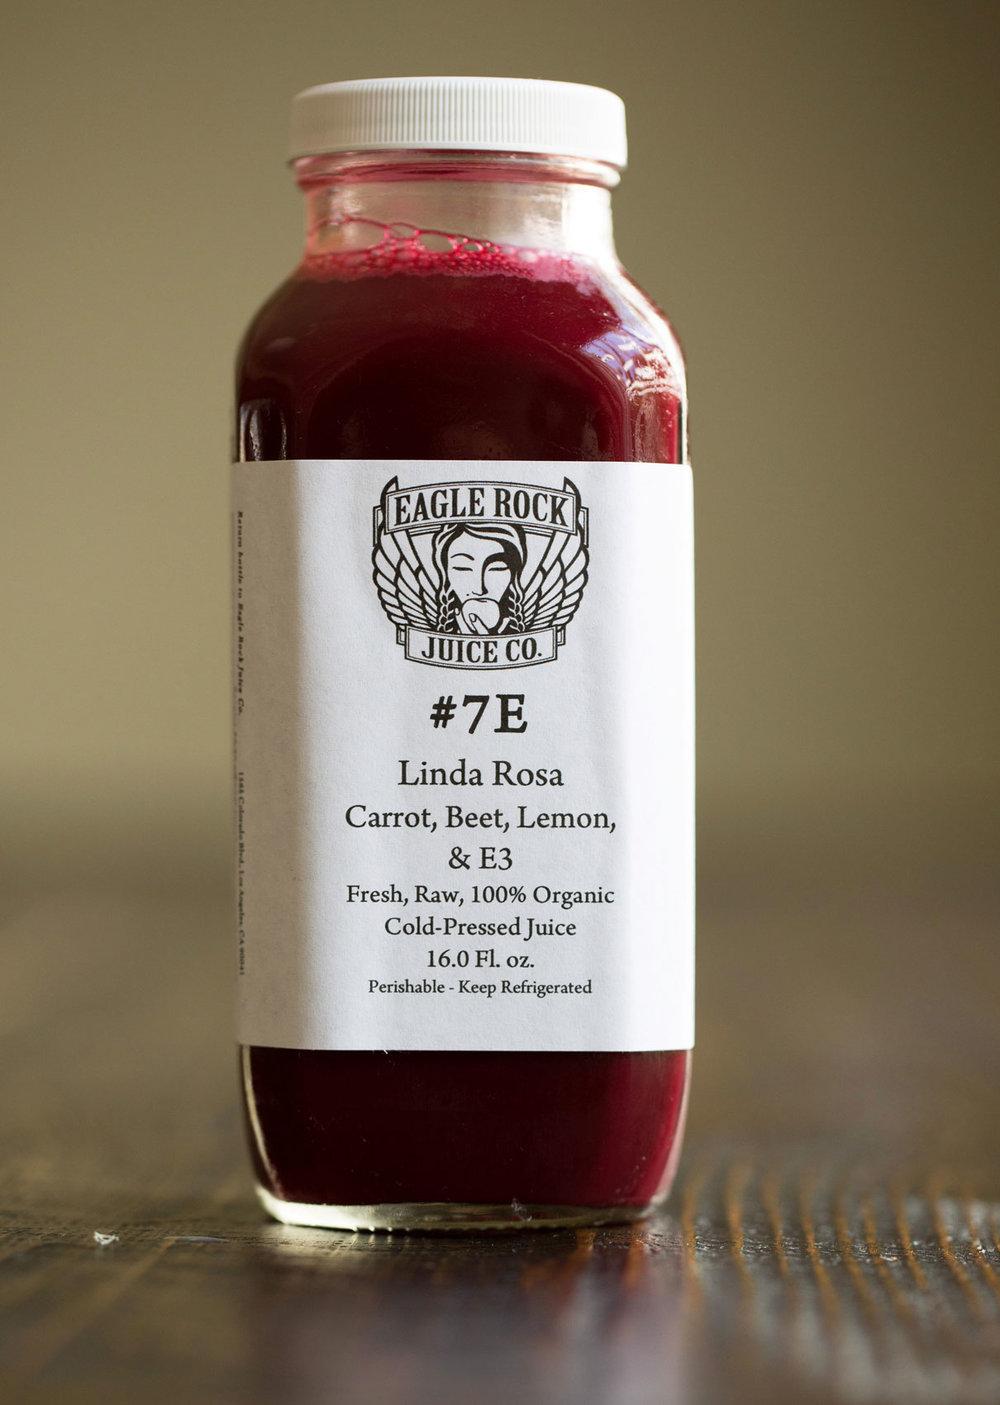 #7E The Linda Rosa   N-A/$12.50/10.50 Carrot, Beet, Lemon & E3 Live